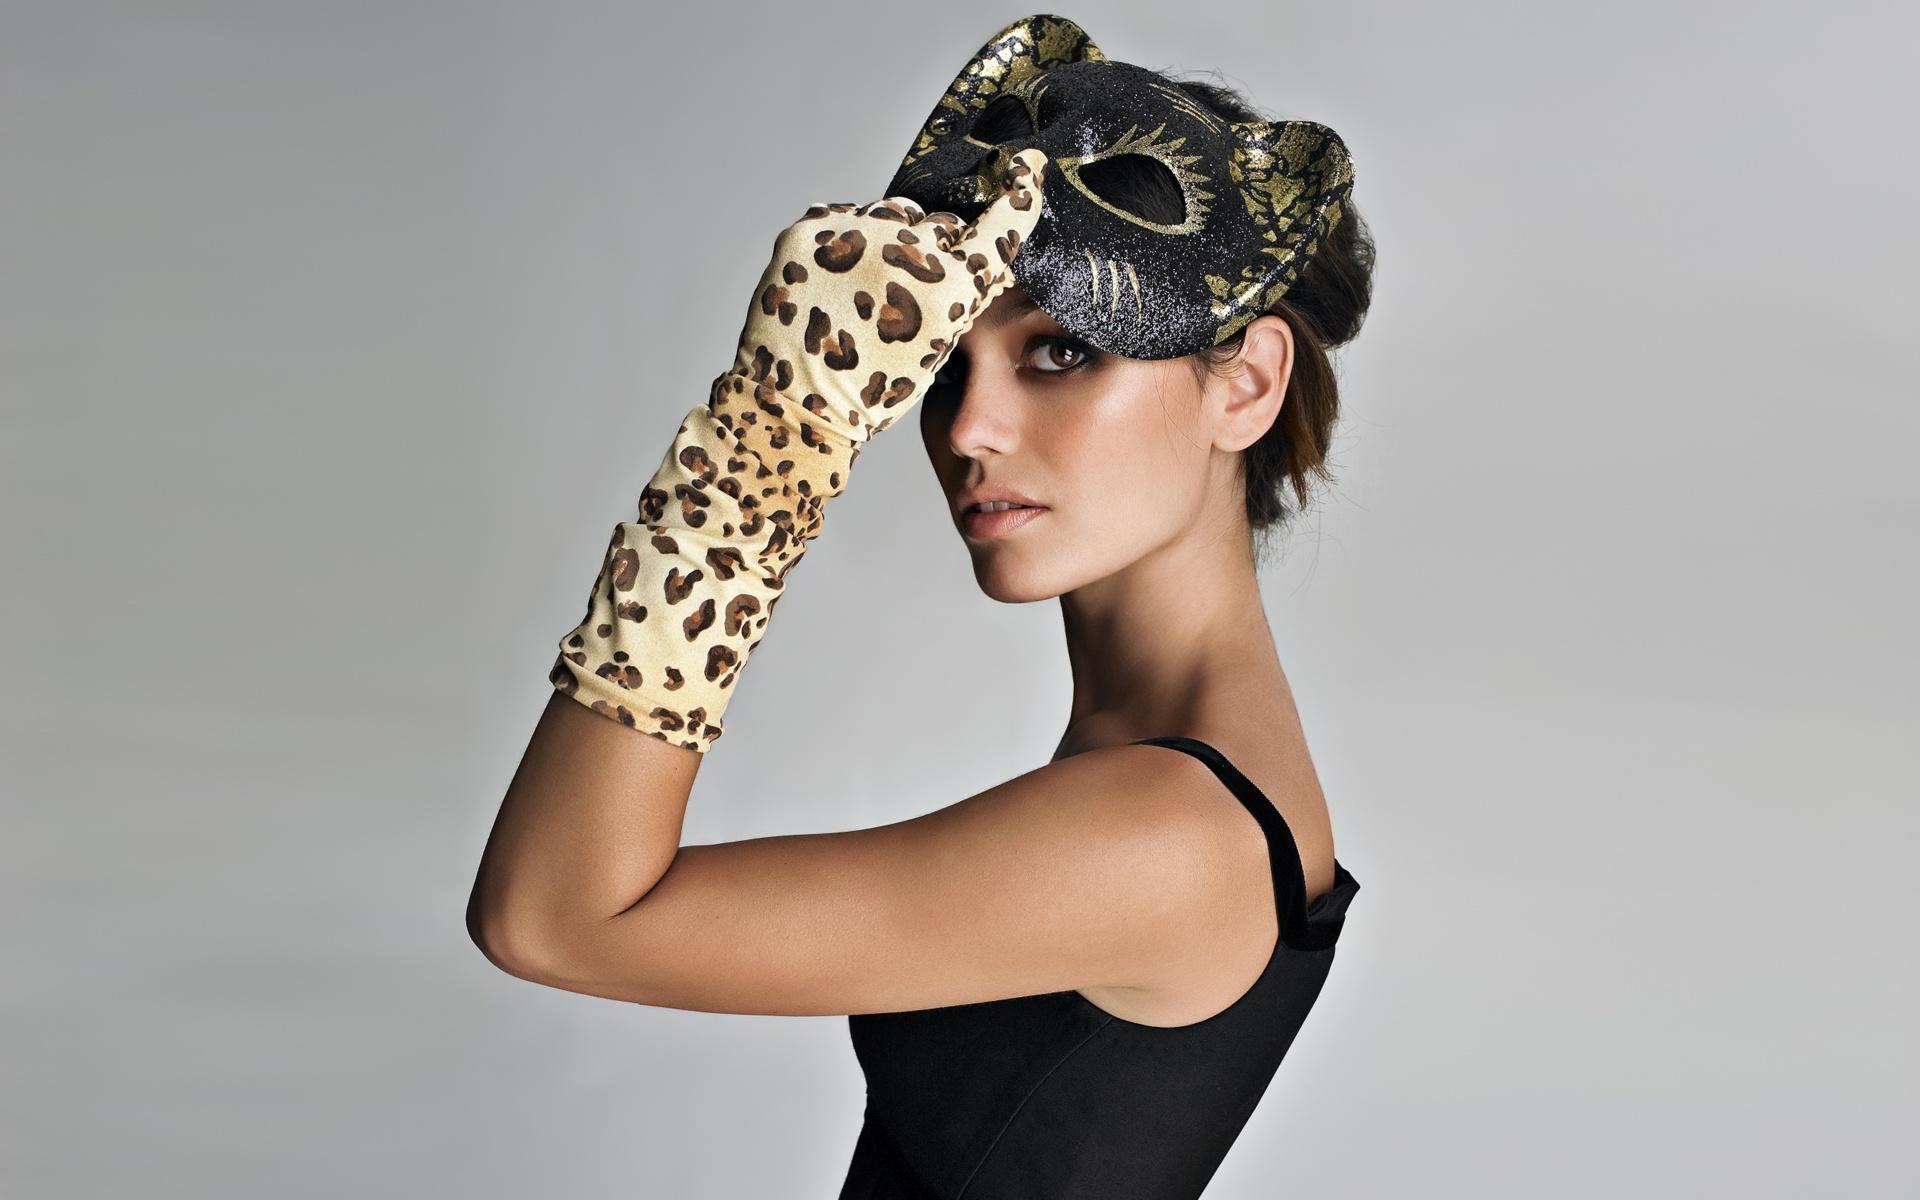 Disfraz de felino - 1920x1200